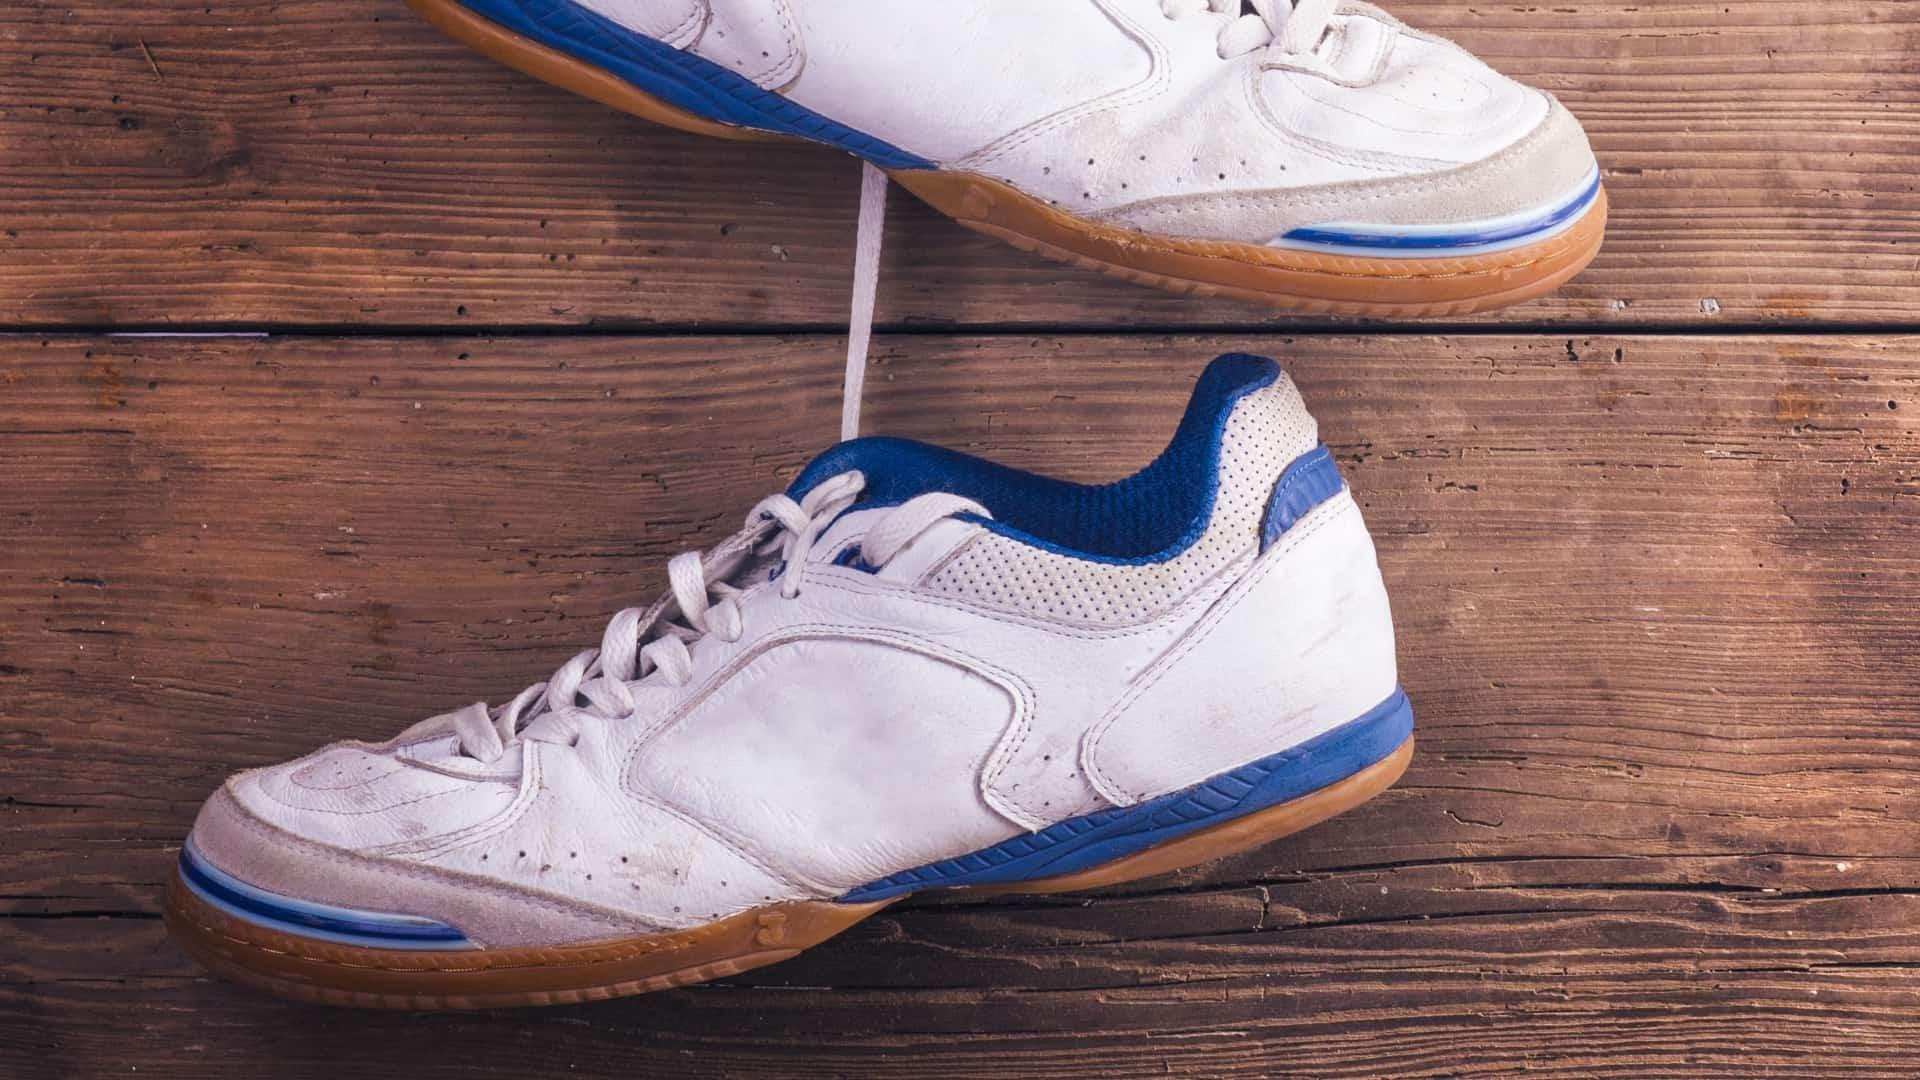 Zapatillas de fútbol sala: ¿Cuáles son las mejores del 2020?